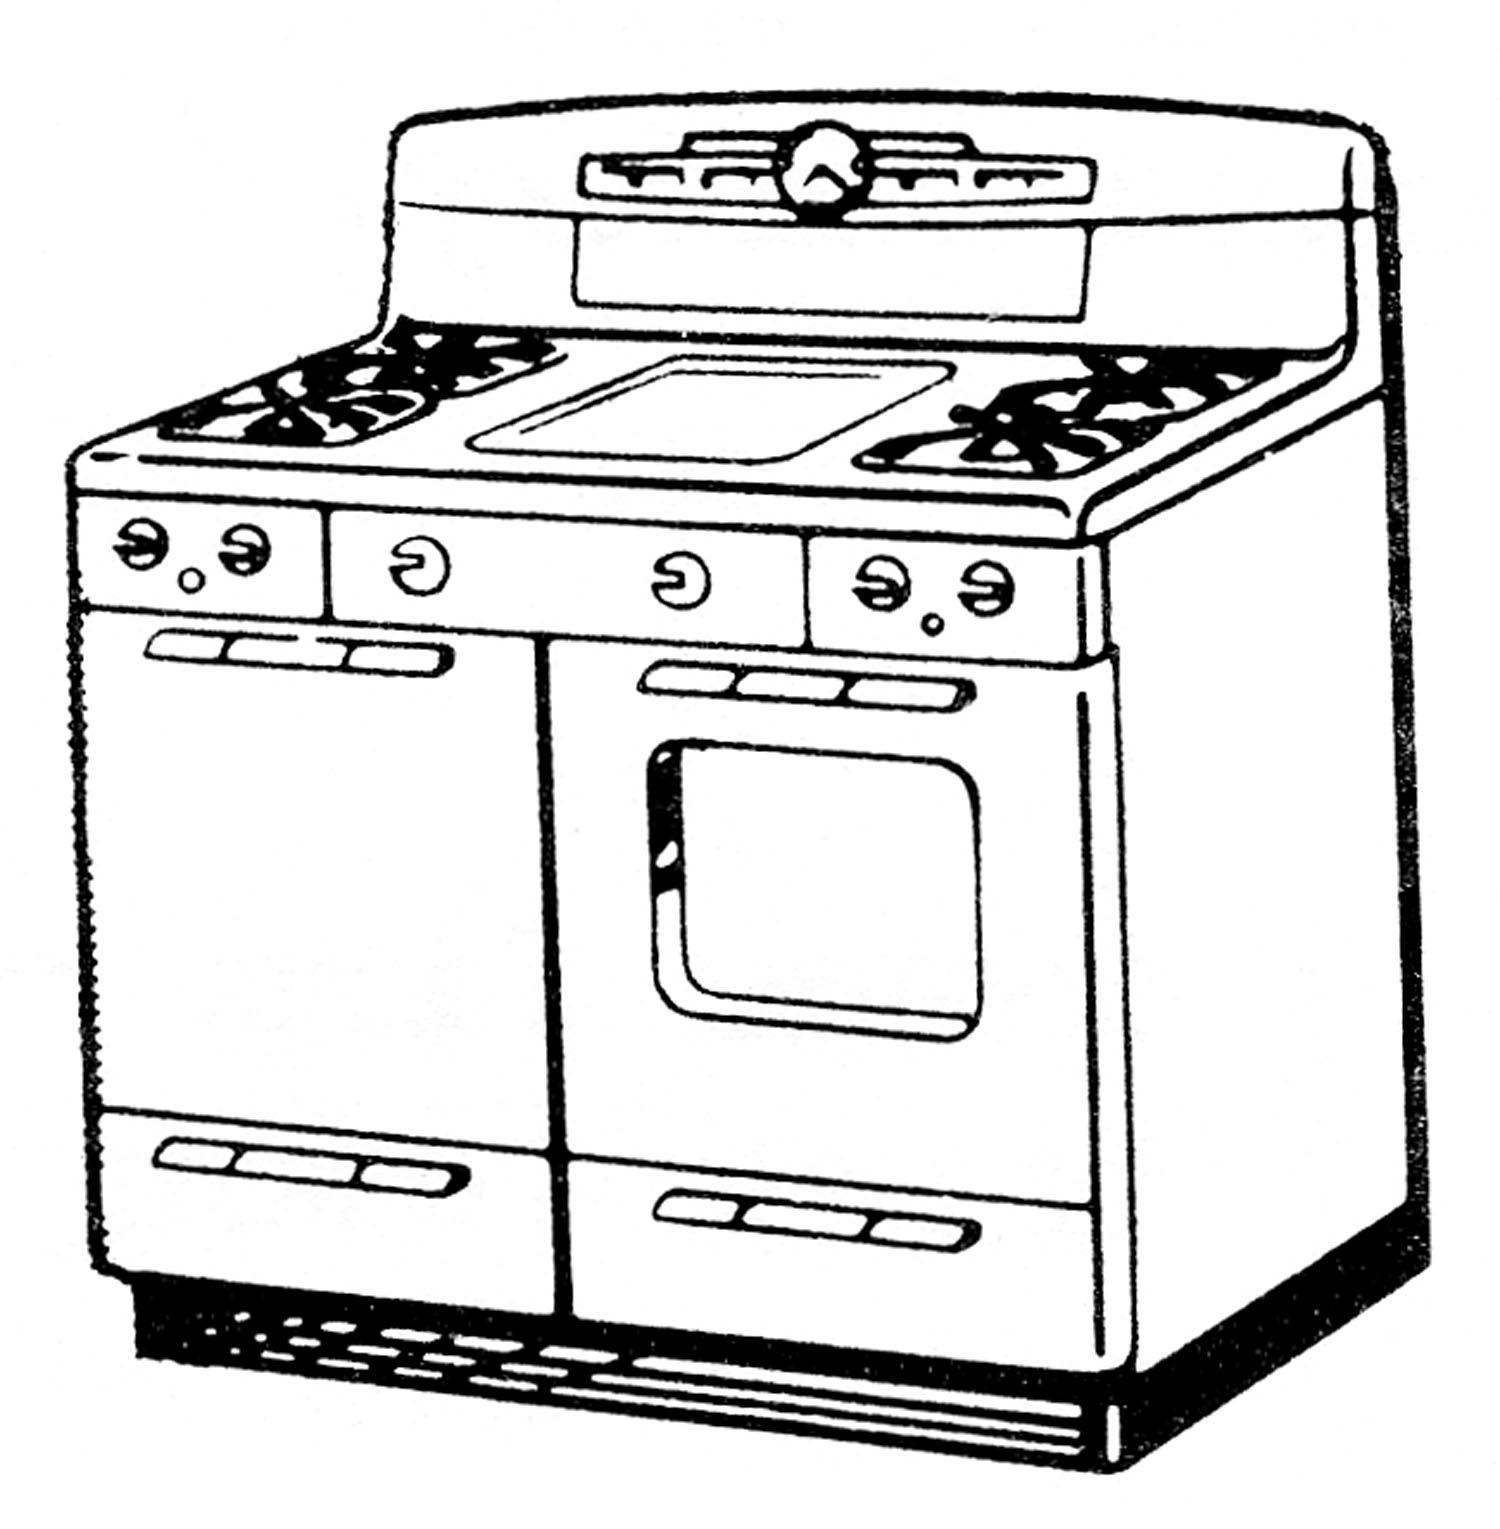 free downloads vector cute retro stoves pinterest clip art rh pinterest com store clip art images gas stove clipart